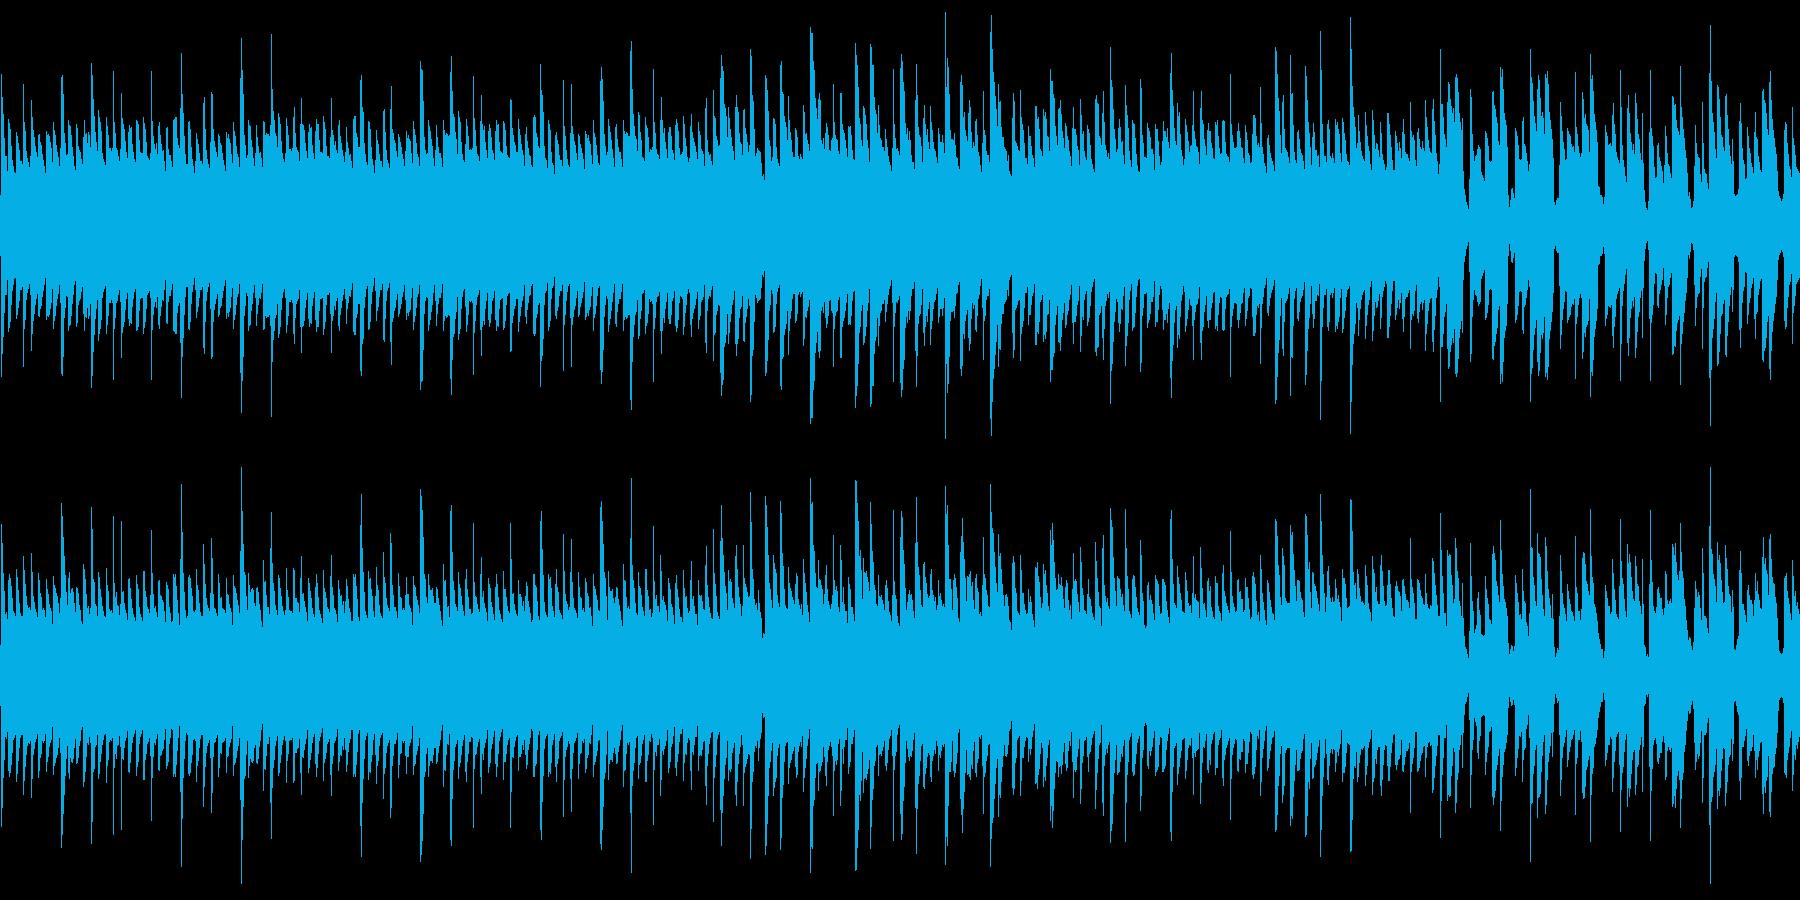 8bit ダークファンタジーな1分ループの再生済みの波形